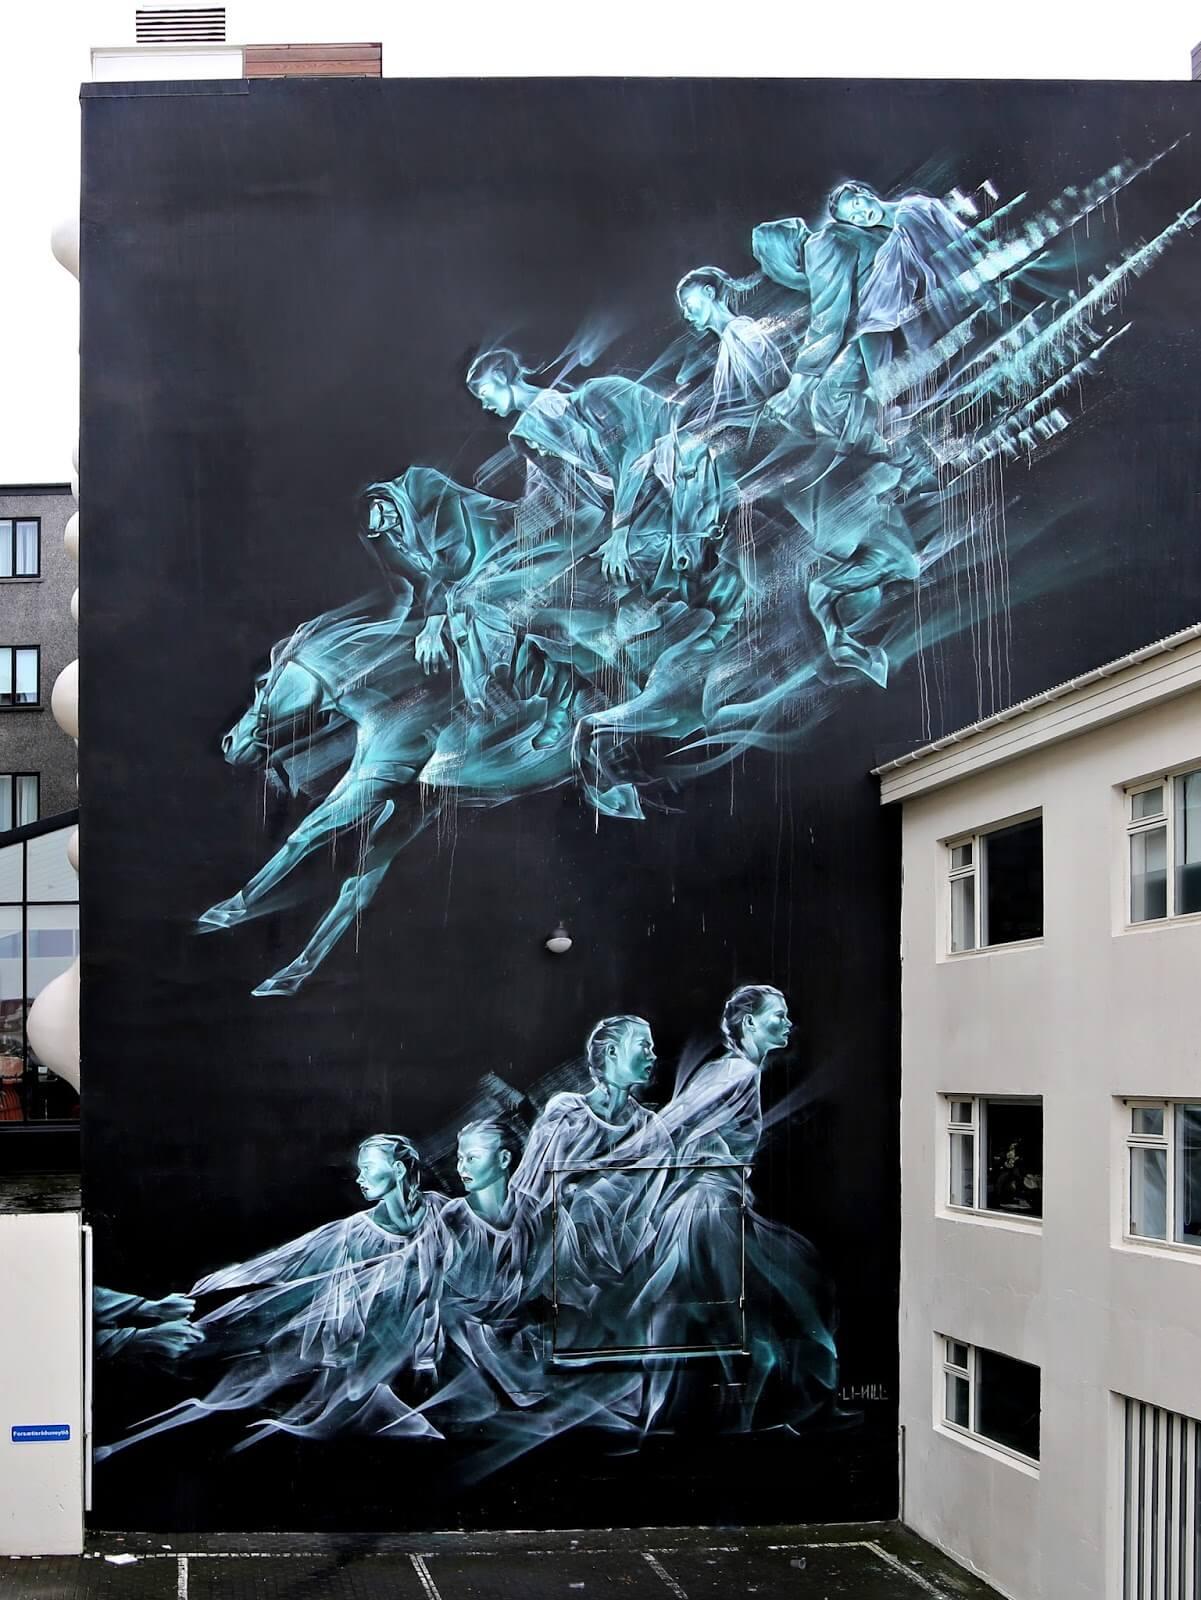 li-hill-murals-fy-9